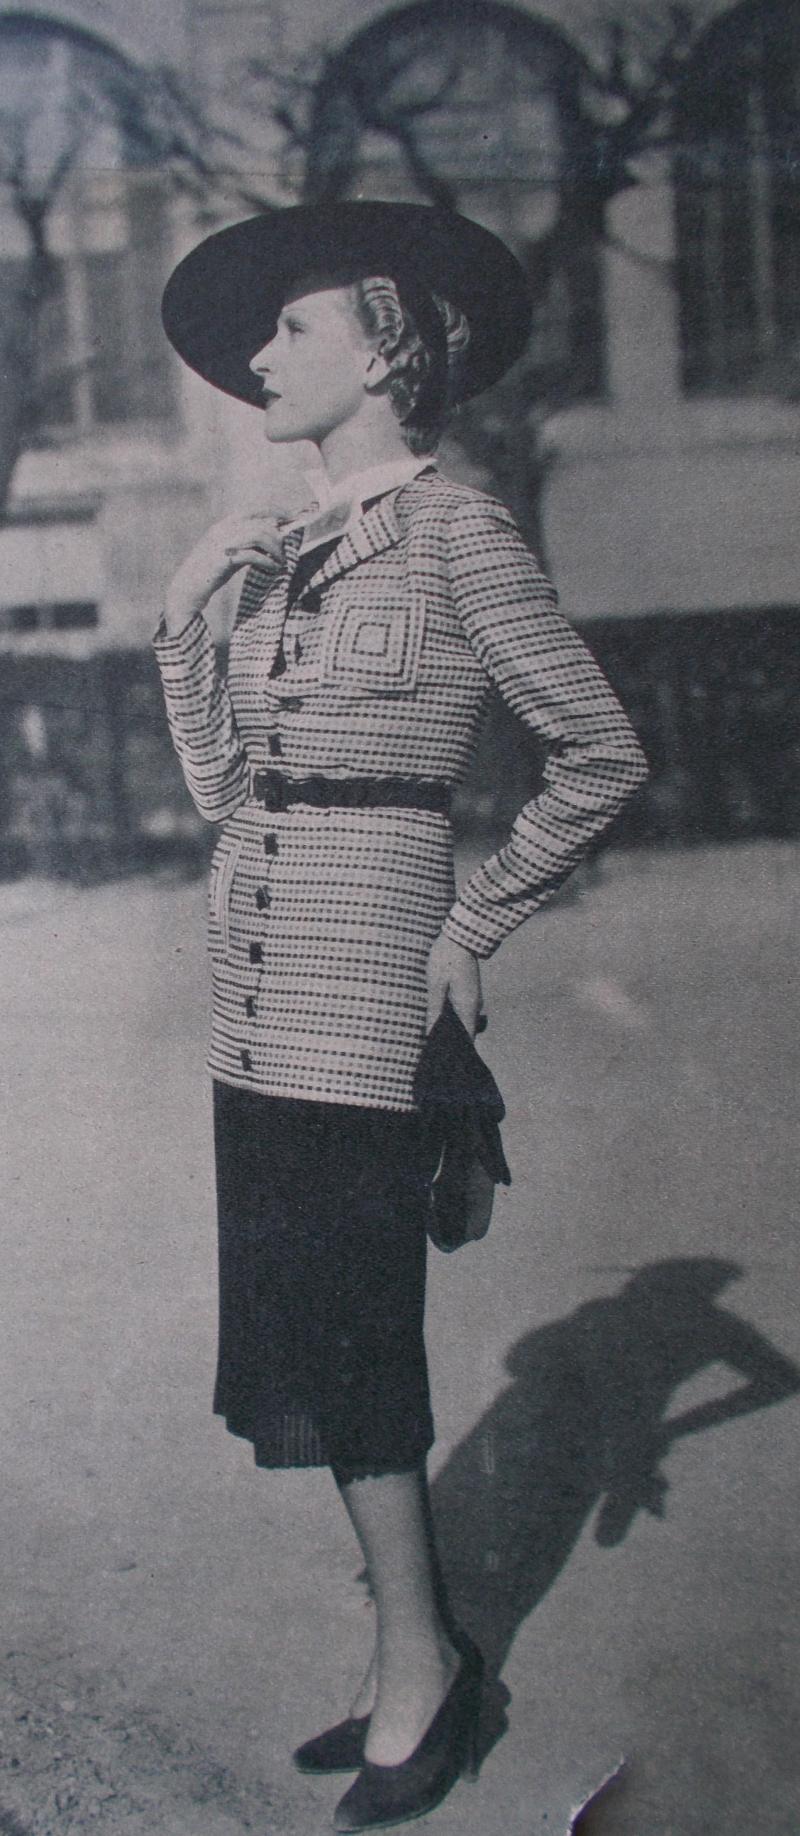 Gioia_1938_ArchiveAnnaBattista_edit